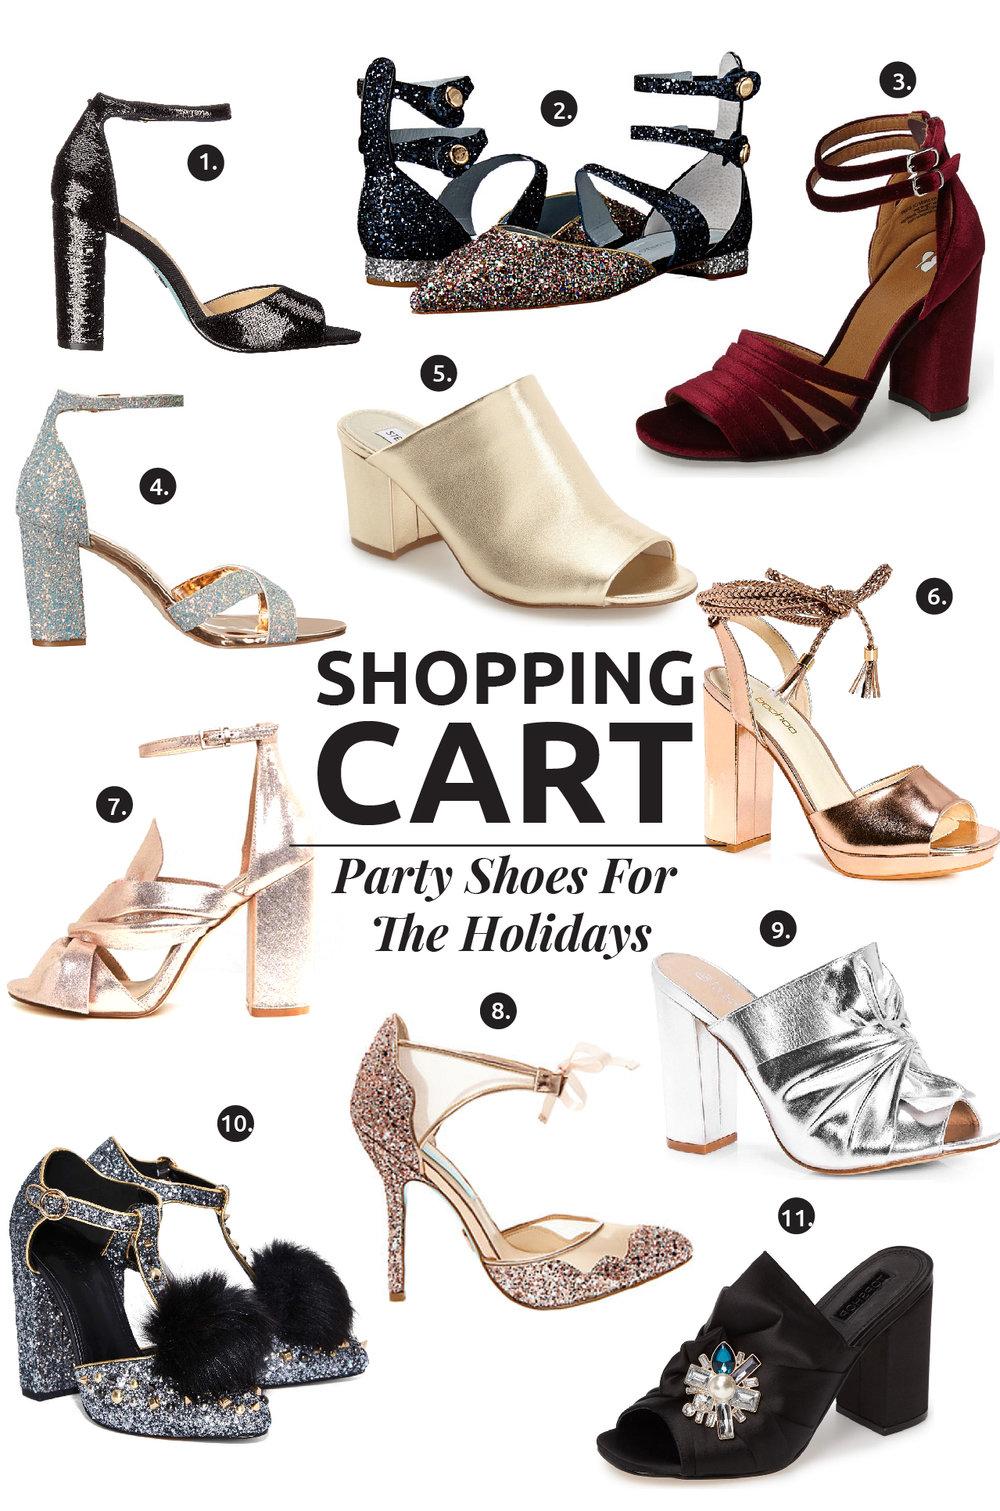 11 Estupendos Zapatos Festivos En Menos De USD $150 / Toda chica merece unos tacones de fiesta en su armario, por eso hoy les enseño 11 zapatos festivos adsequibles para esta temporada.